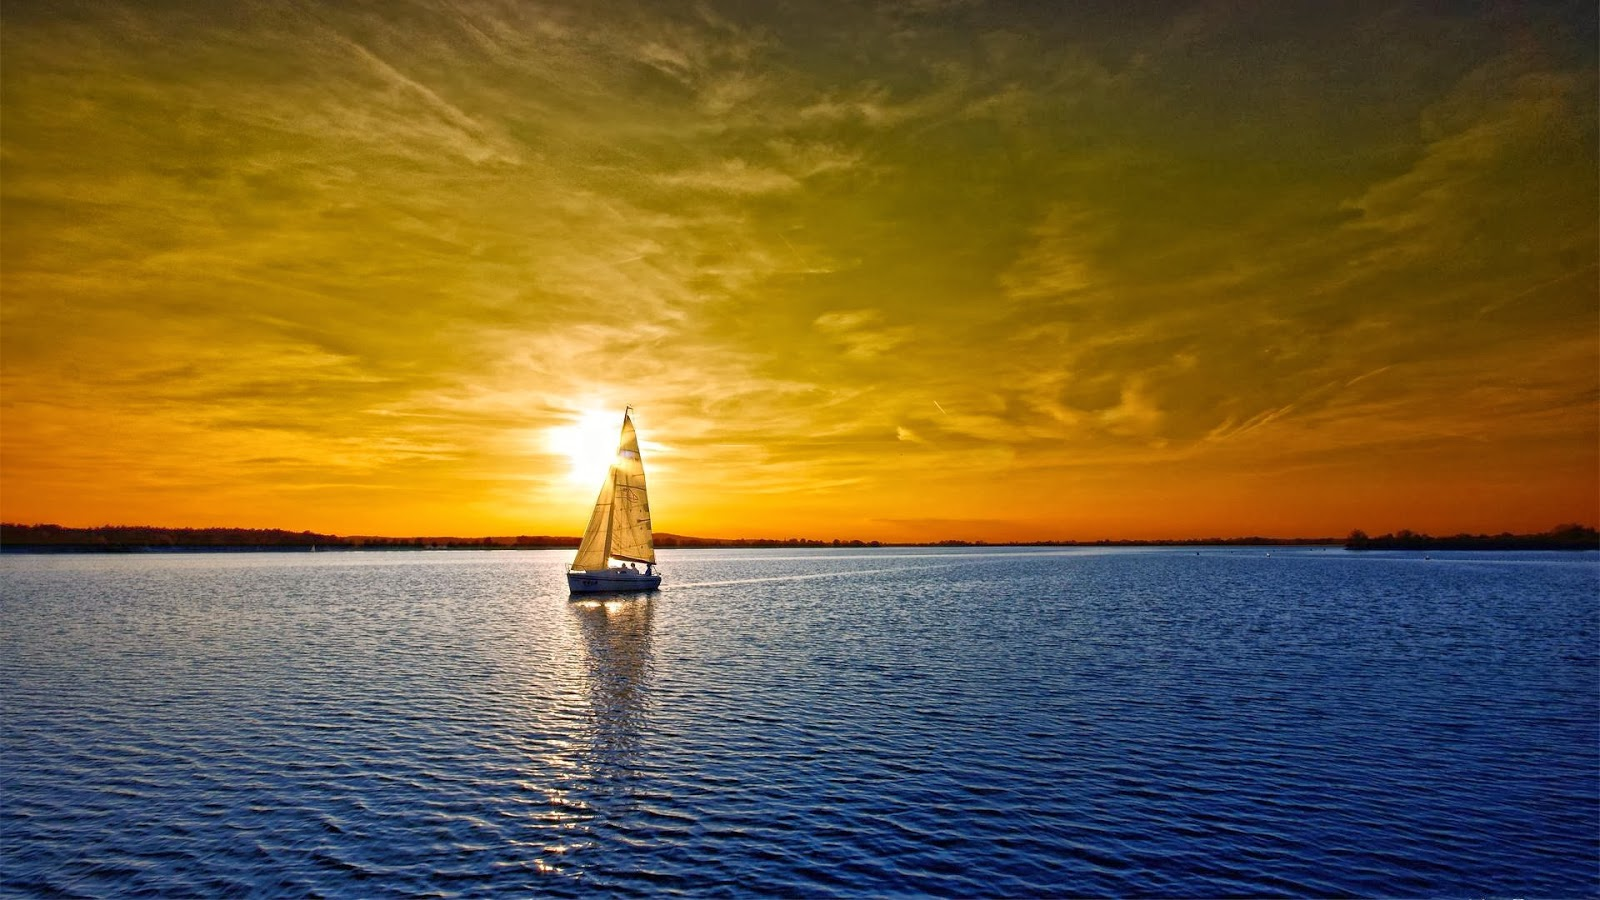 Ship-in-the-sea